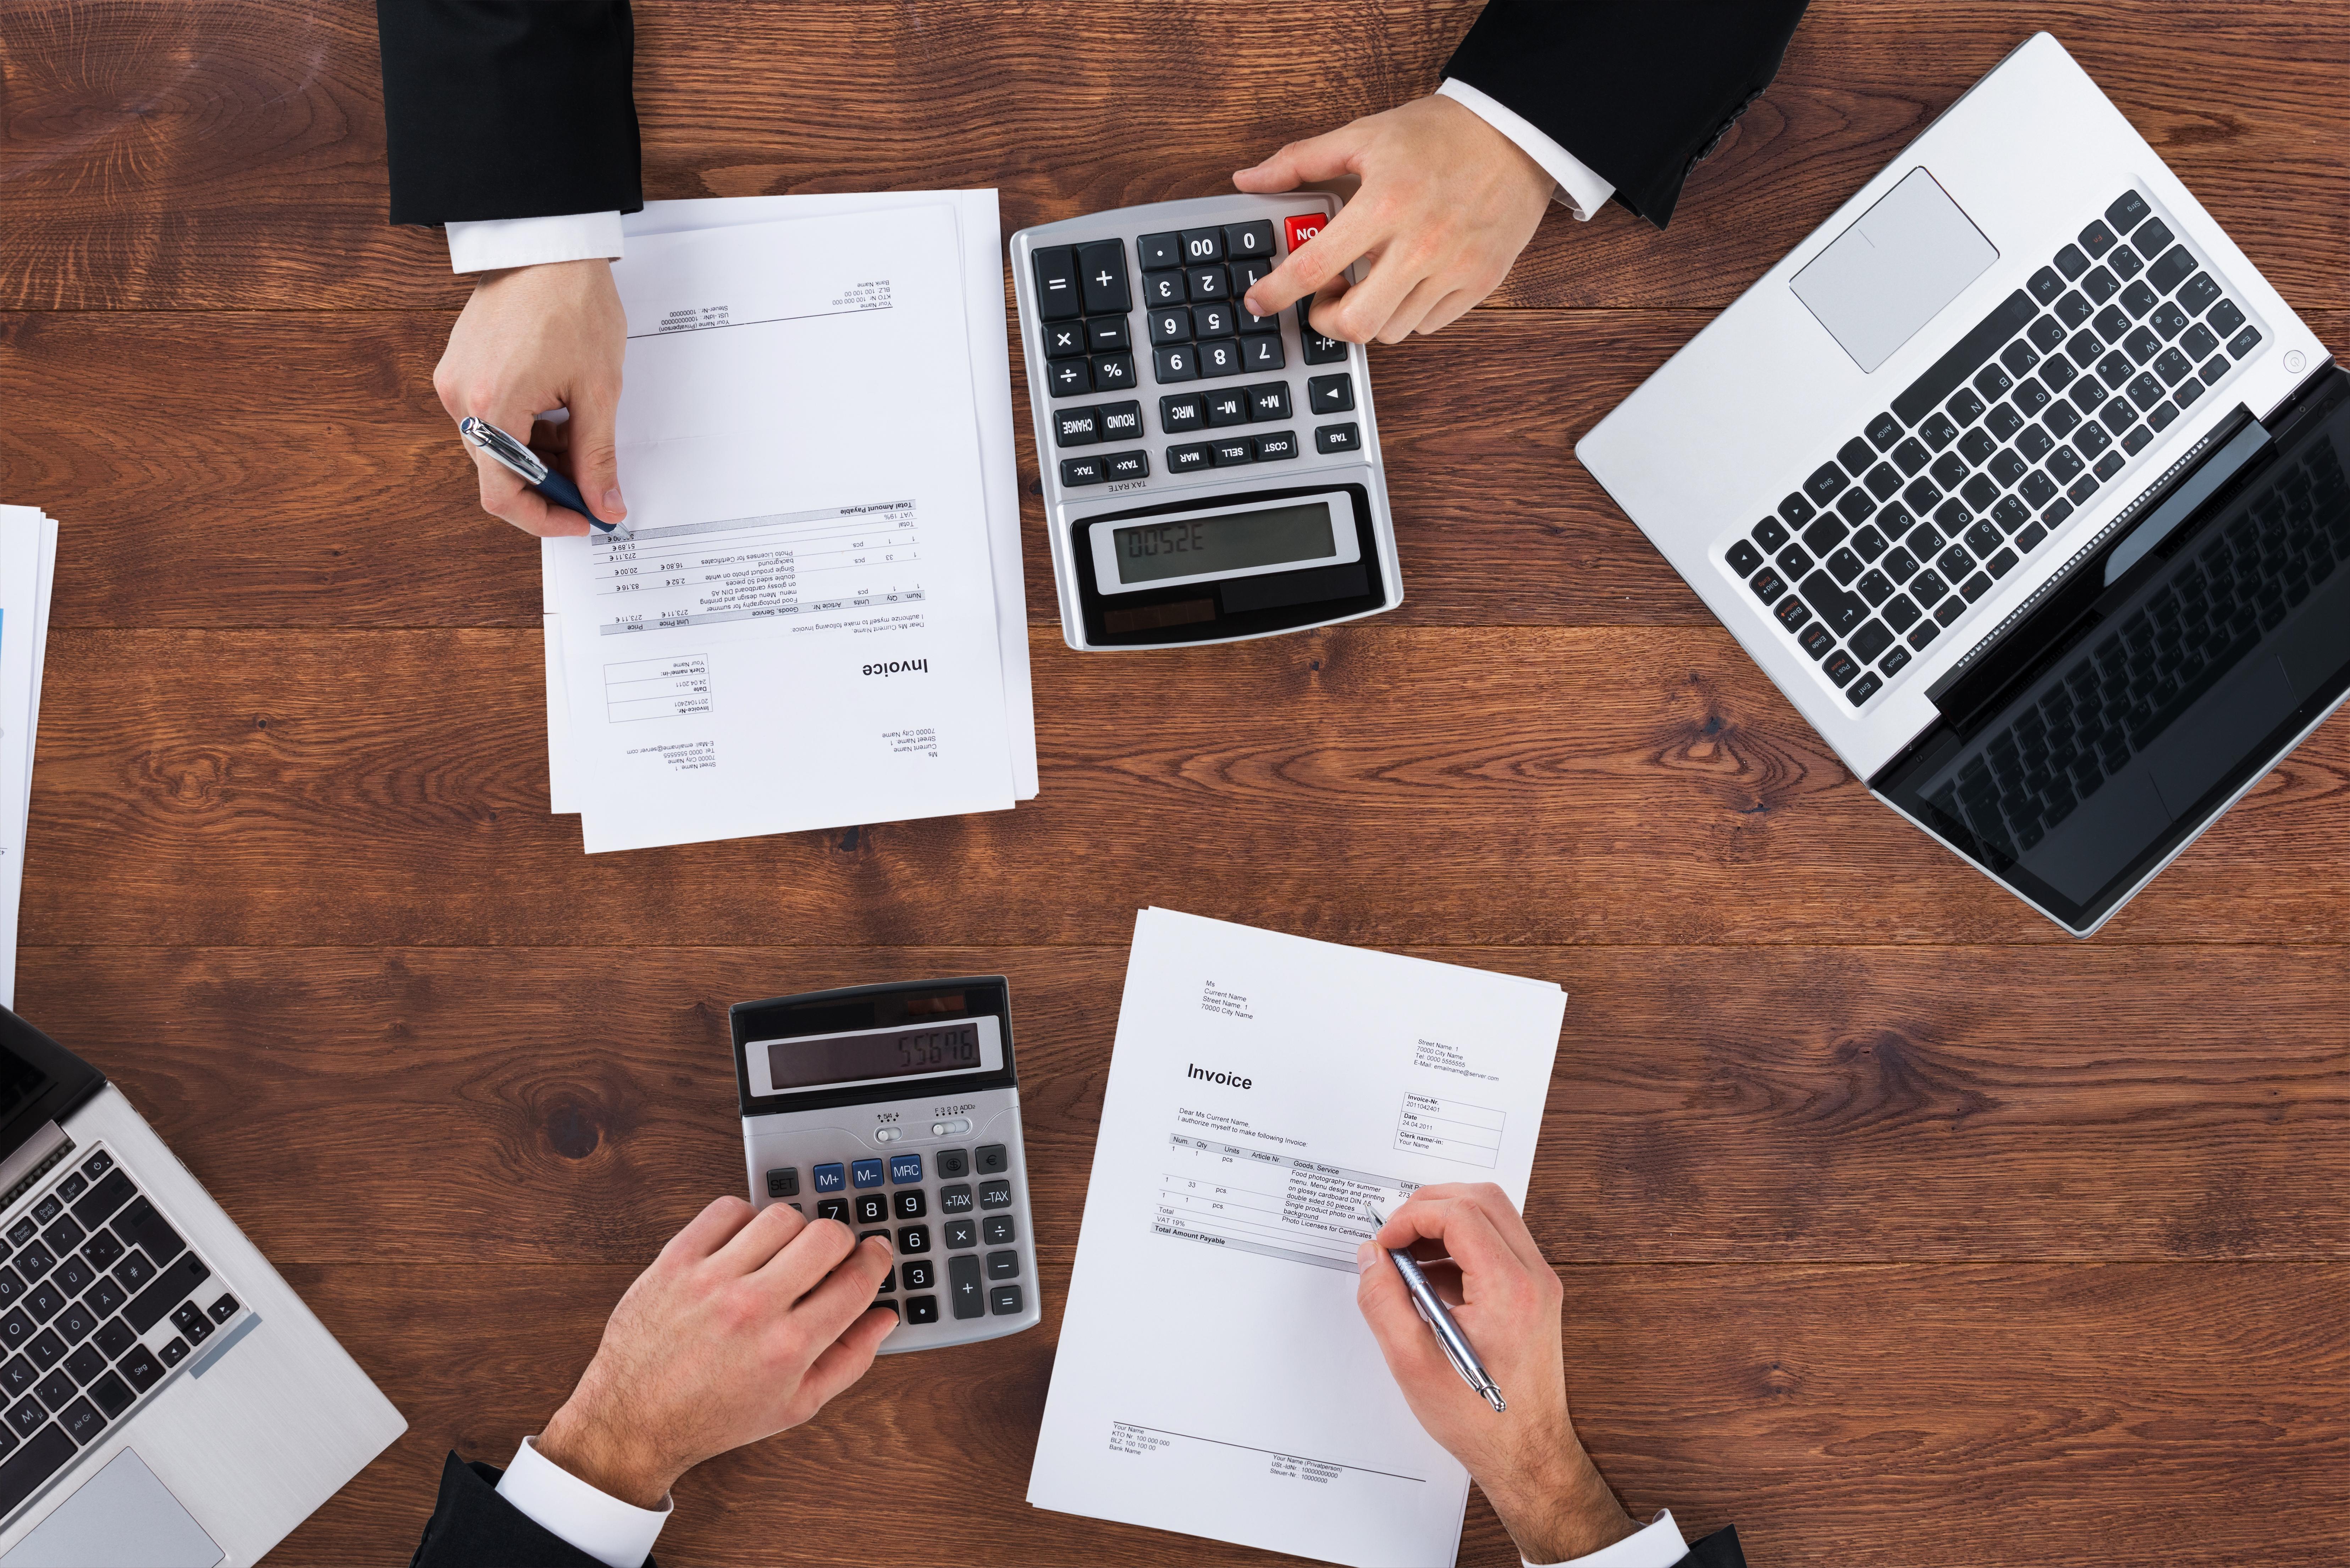 法人カードの経理・会計処理の総まとめ。領収書・明細書・勘定科目など気になるところを一気読み。ブクマ必須の1記事です。